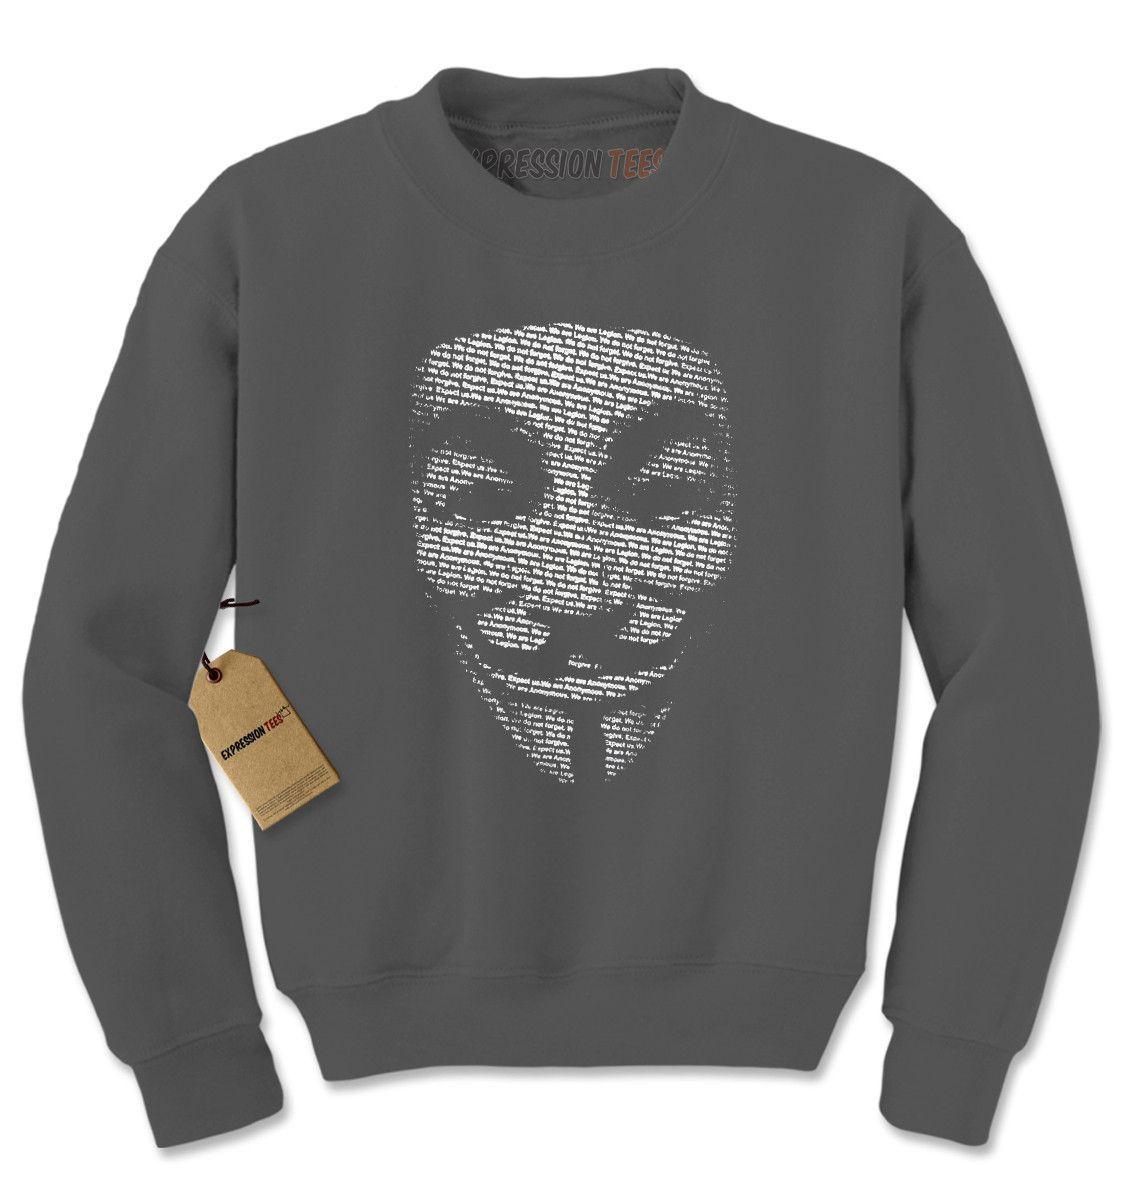 V for Vendetta / Guy Fawkes Mask Adult Crewneck Sweatshirt